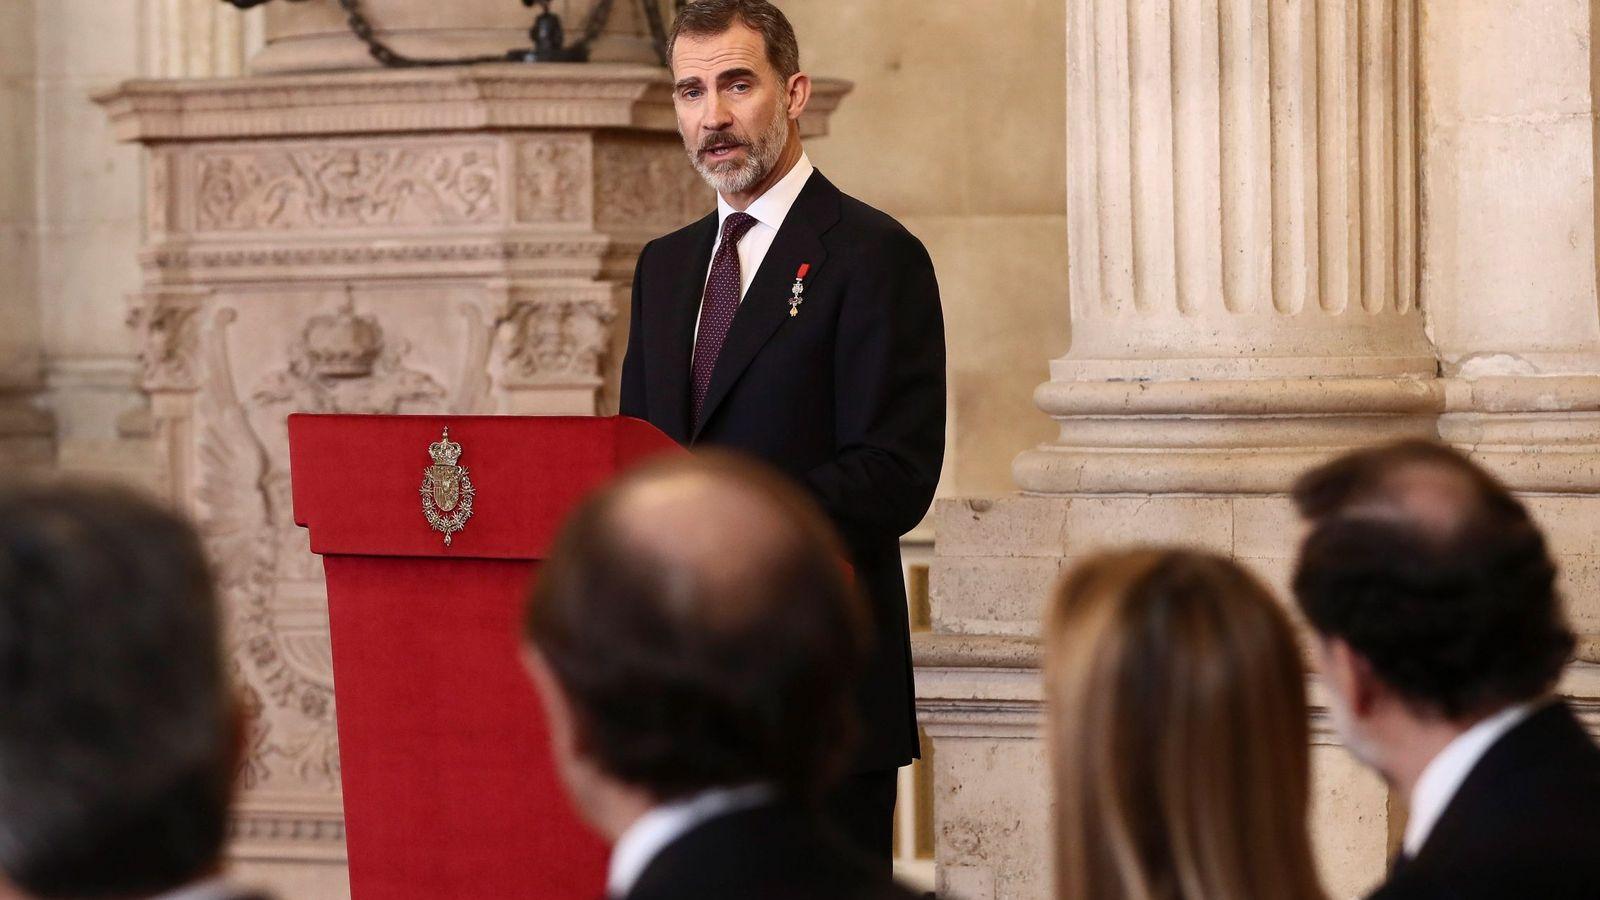 Foto: El Rey durante la imposición del Collar del Toisón de Oro a la princesa de Asturias en el Palacio Real. (EFE)